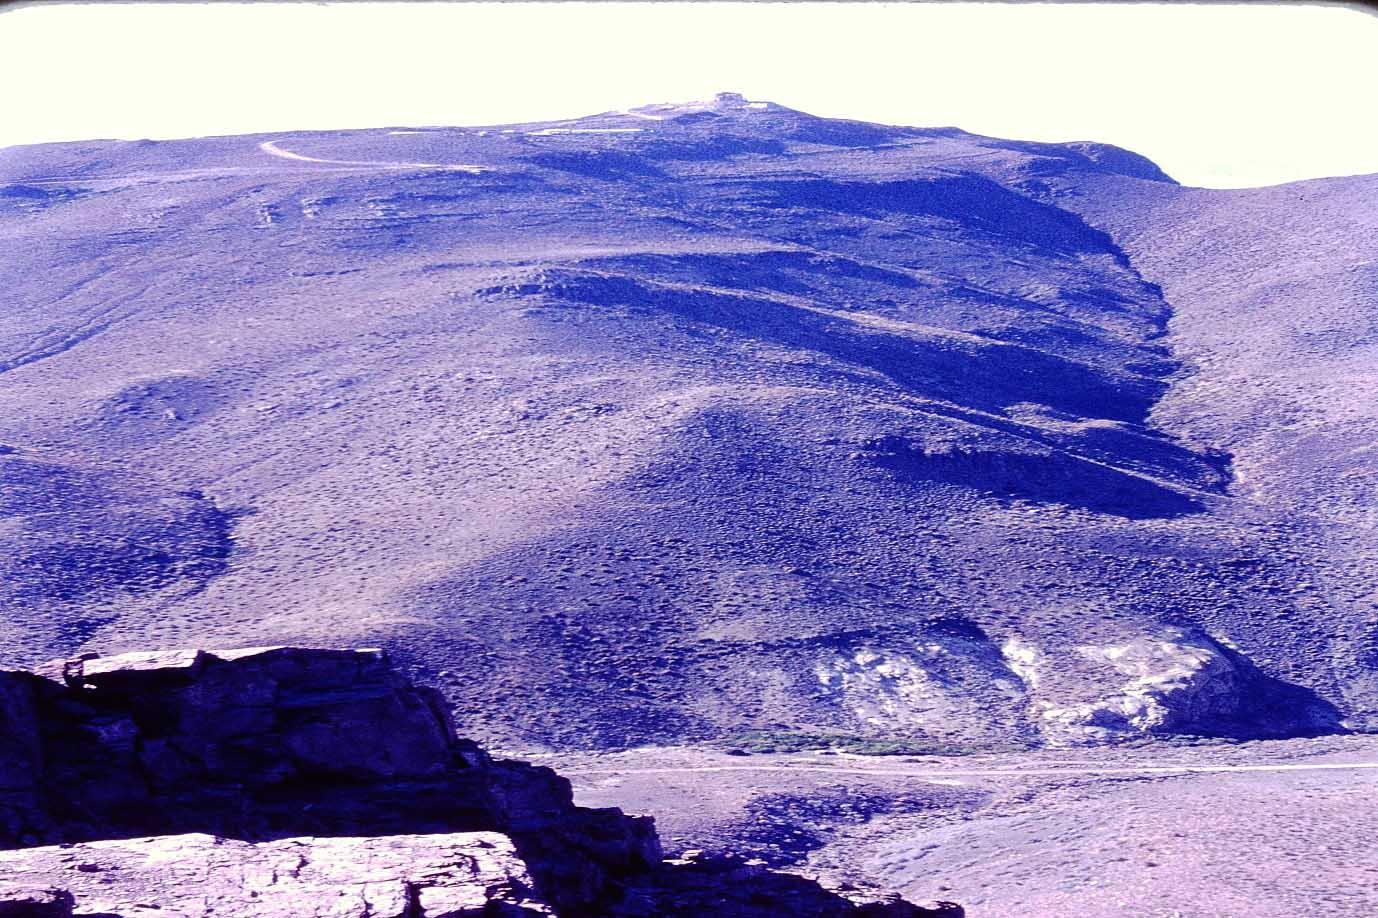 Enterreno - Fotos históricas de chile - fotos antiguas de Chile - Cerro Tololo en 1975